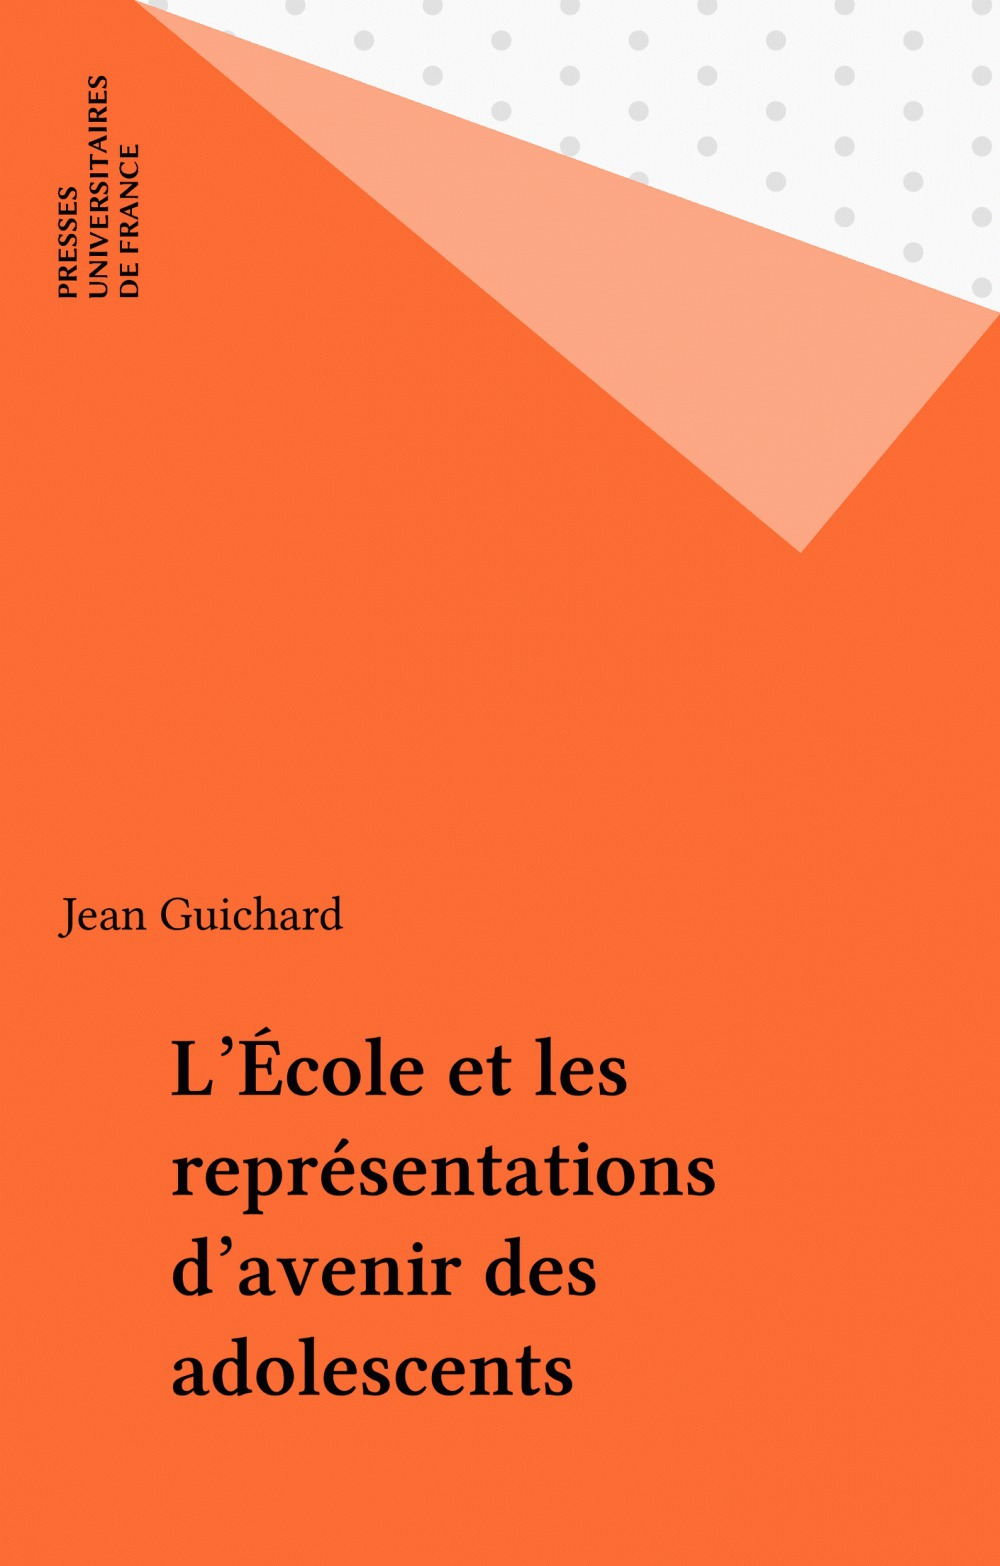 L'École et les représentations d'avenir des adolescents  - Jean Guichard